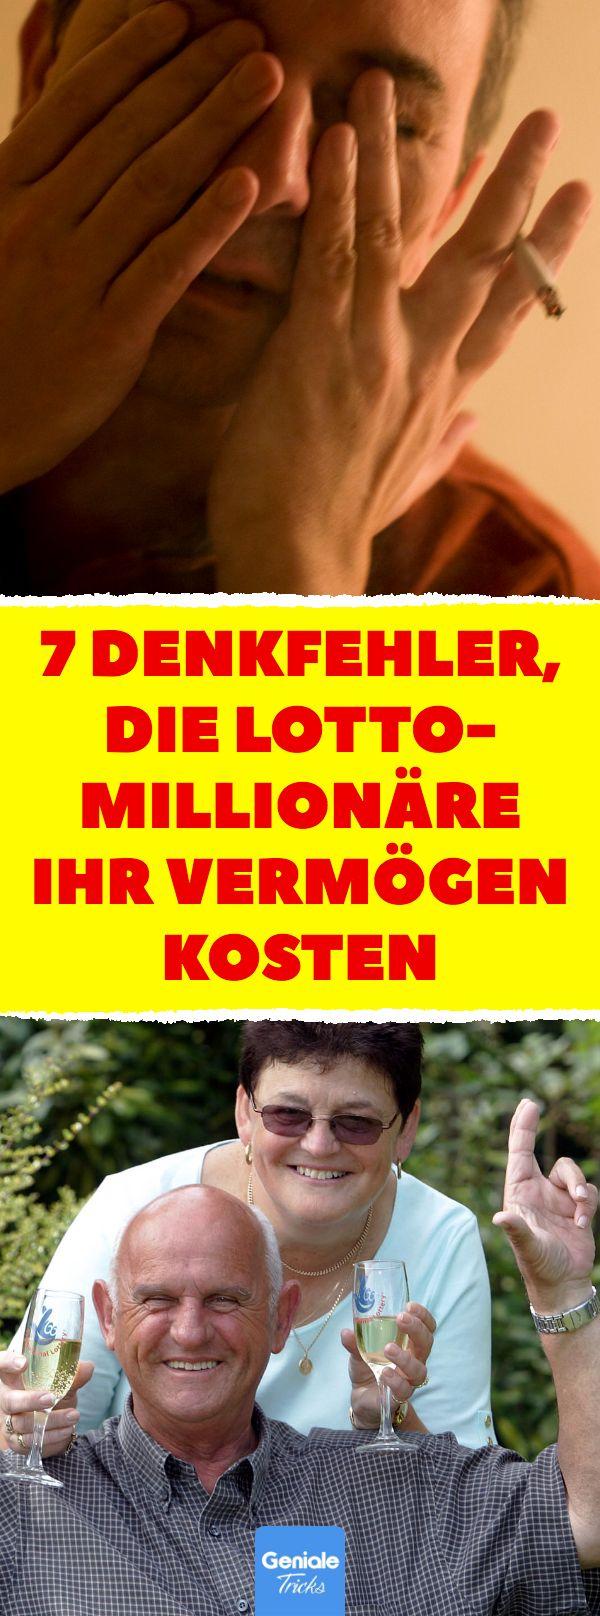 Lotto Gewinner Pleite